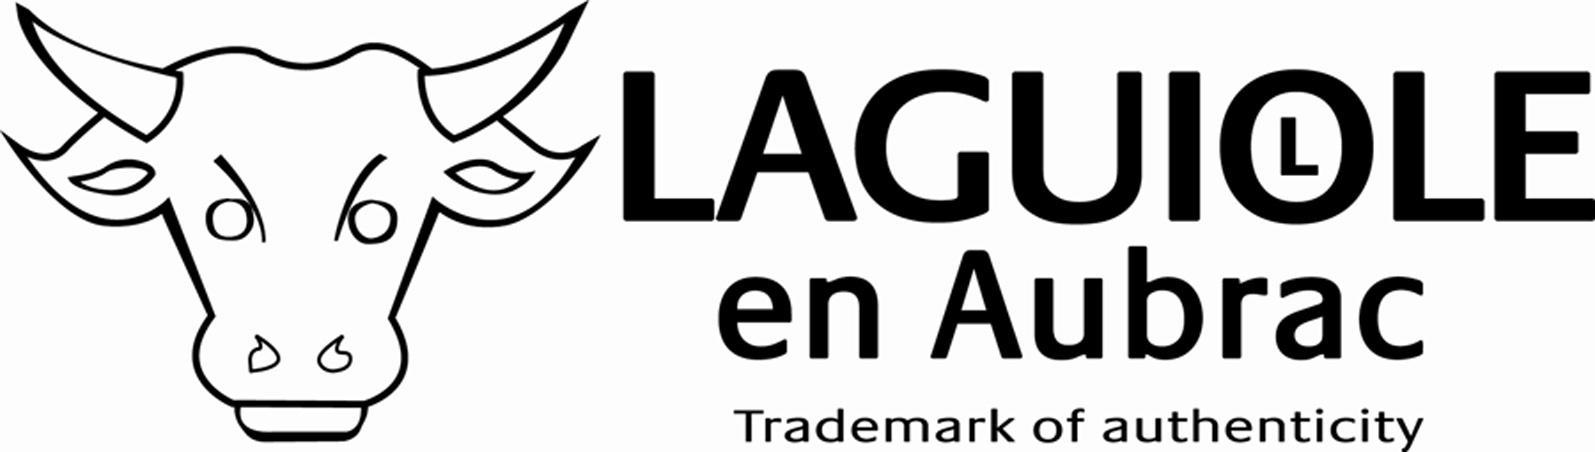 Laguiole en Aubrac Laguiole Sommeliermesser